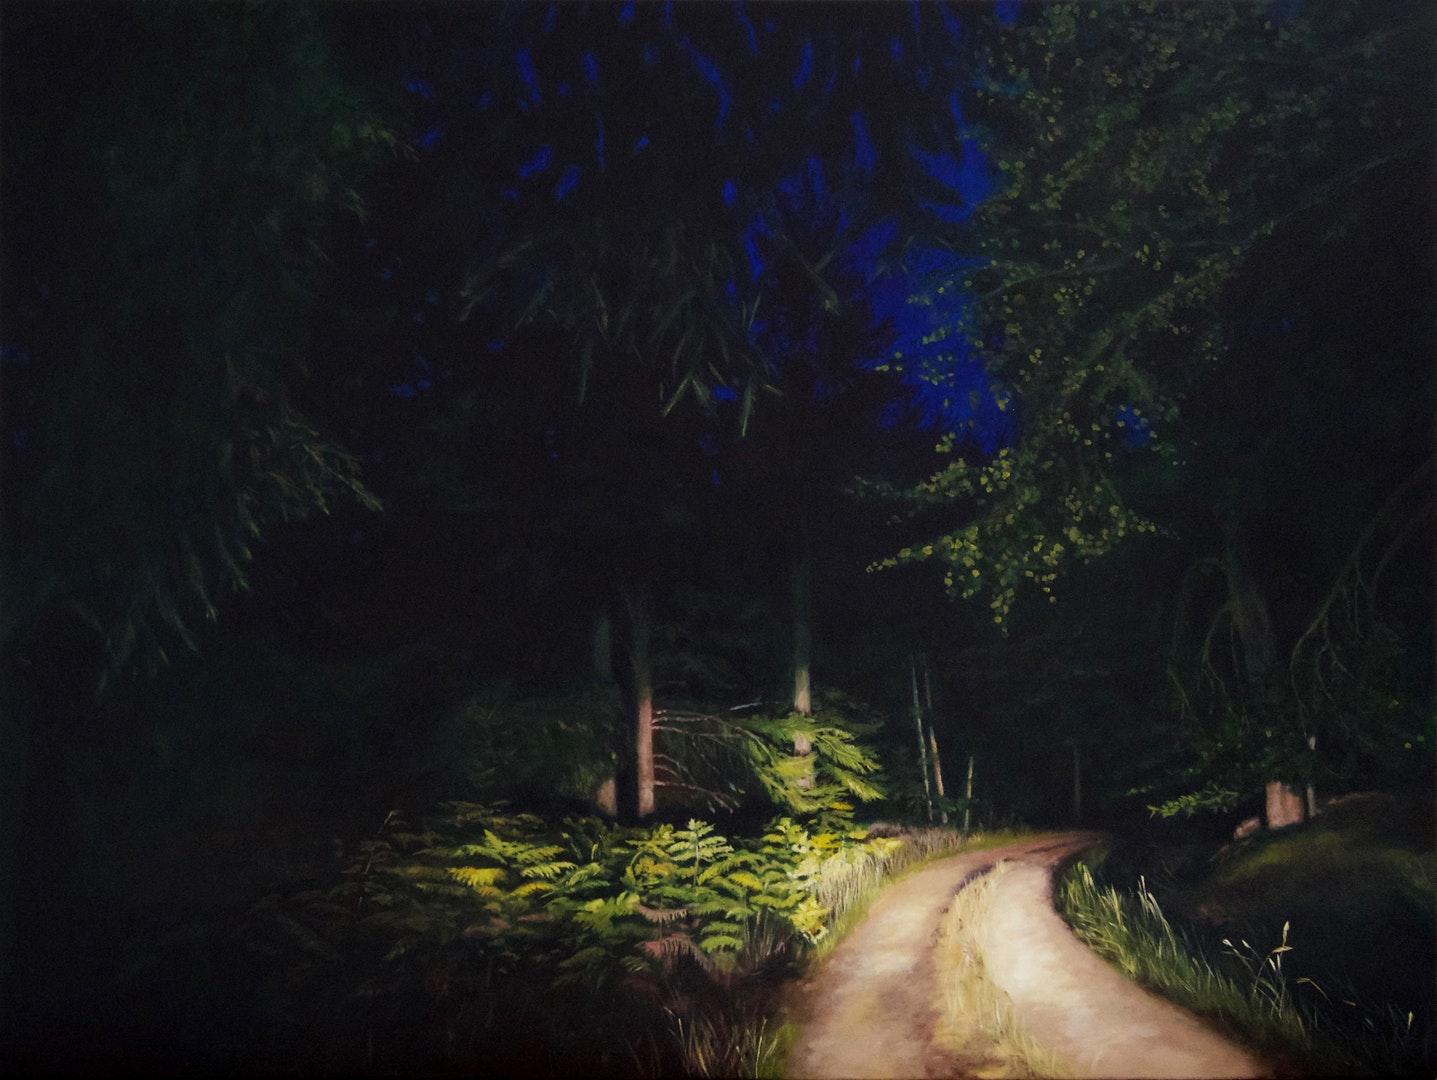 Natalie Dowse  Entre chien et loup 1  Oil on canvas, 90 x 120 x 3 cm  http://www.nataliedowse.co.uk